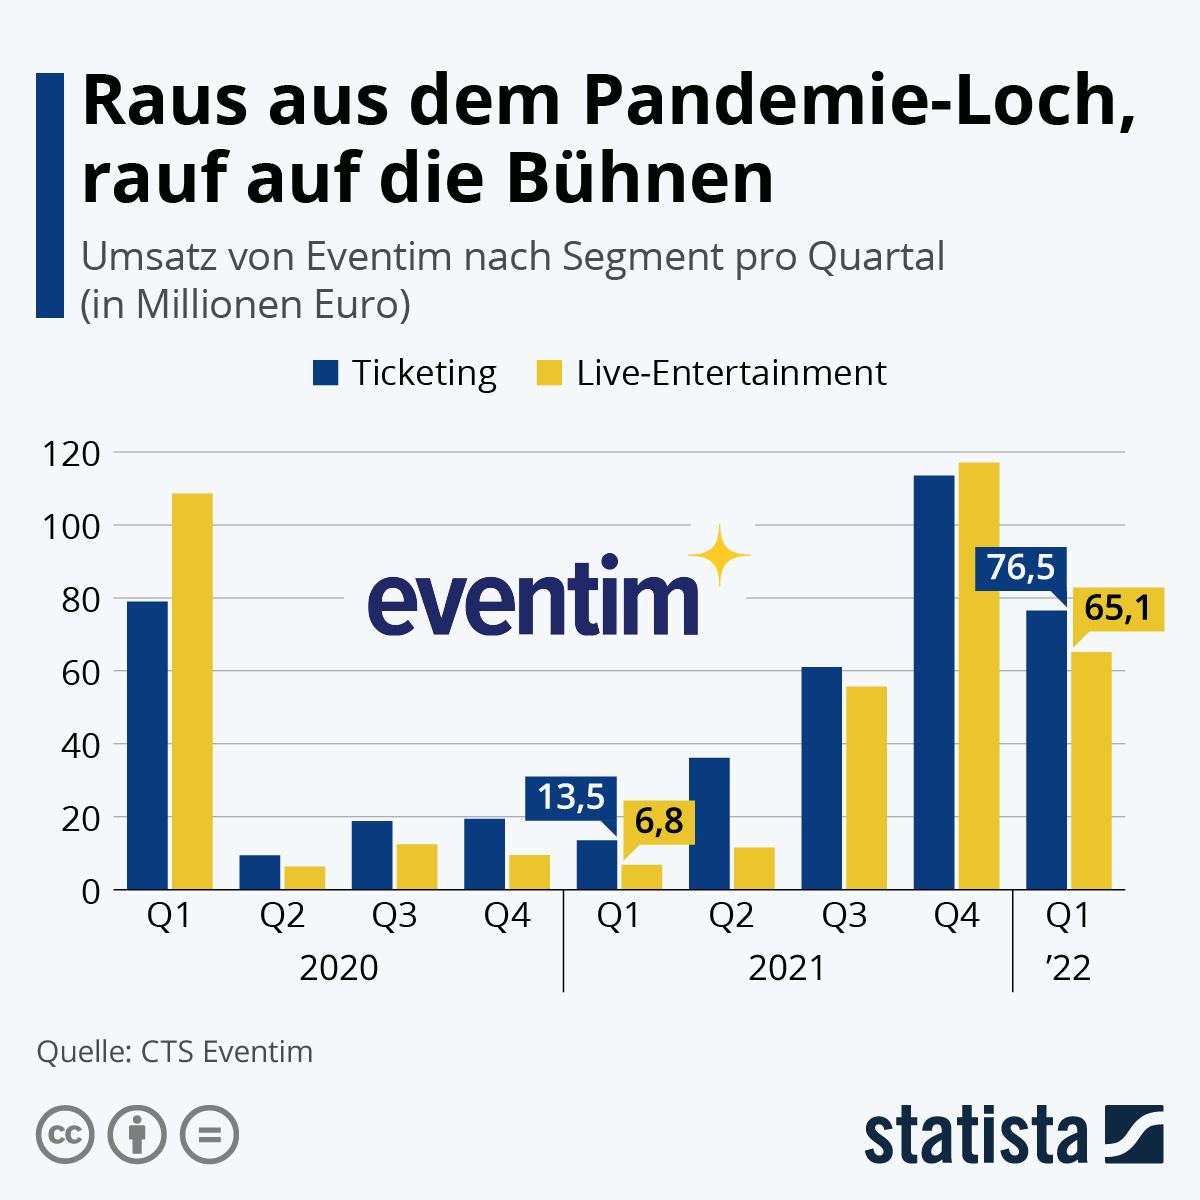 Infografik: Eventim auf dem Weg aus dem Corona-Loch? | Statista